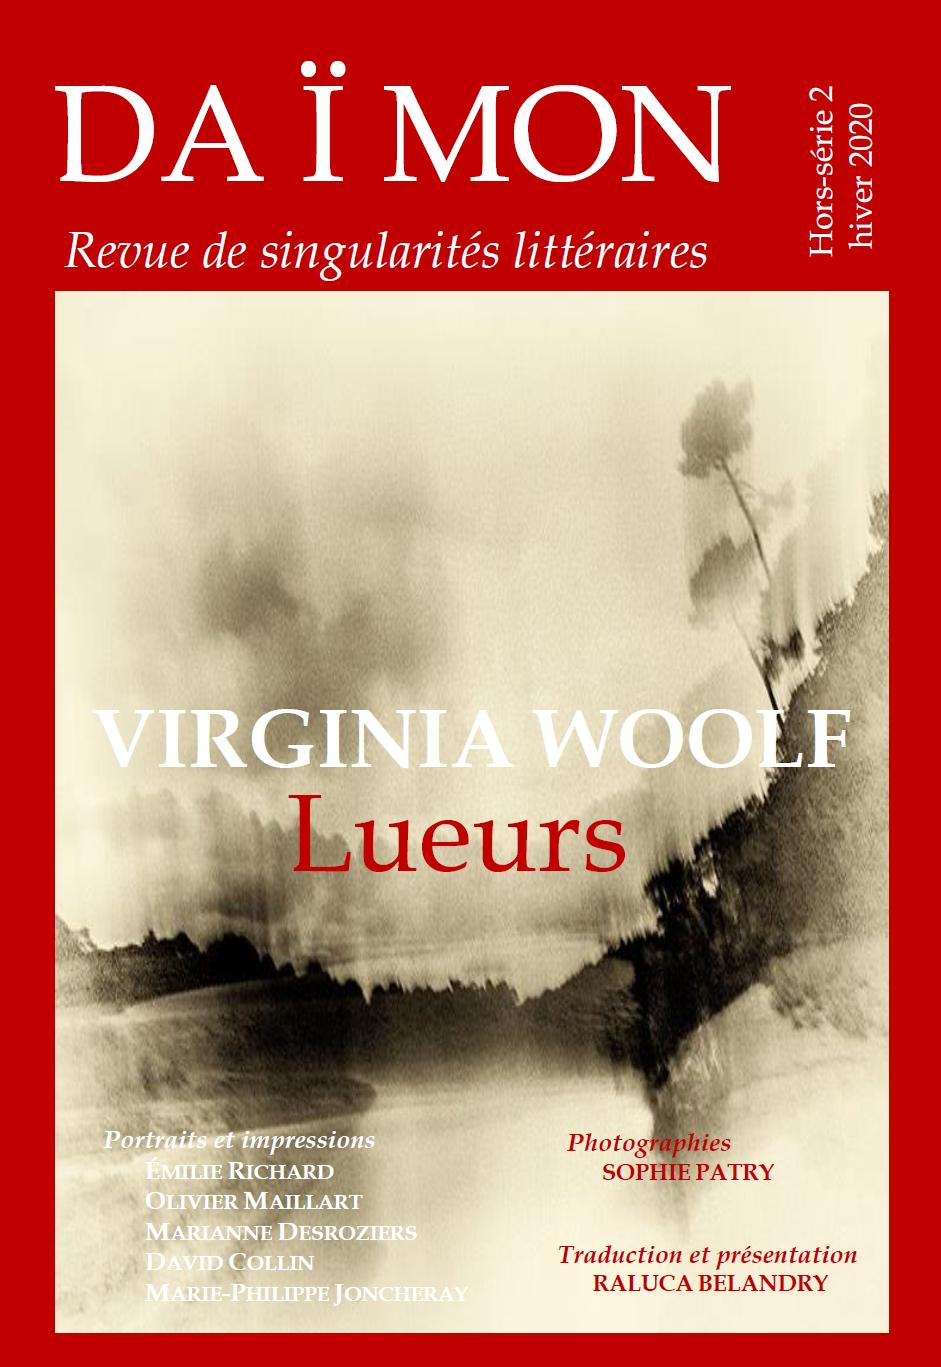 Daïmon Hors-série - Virginia Woolf